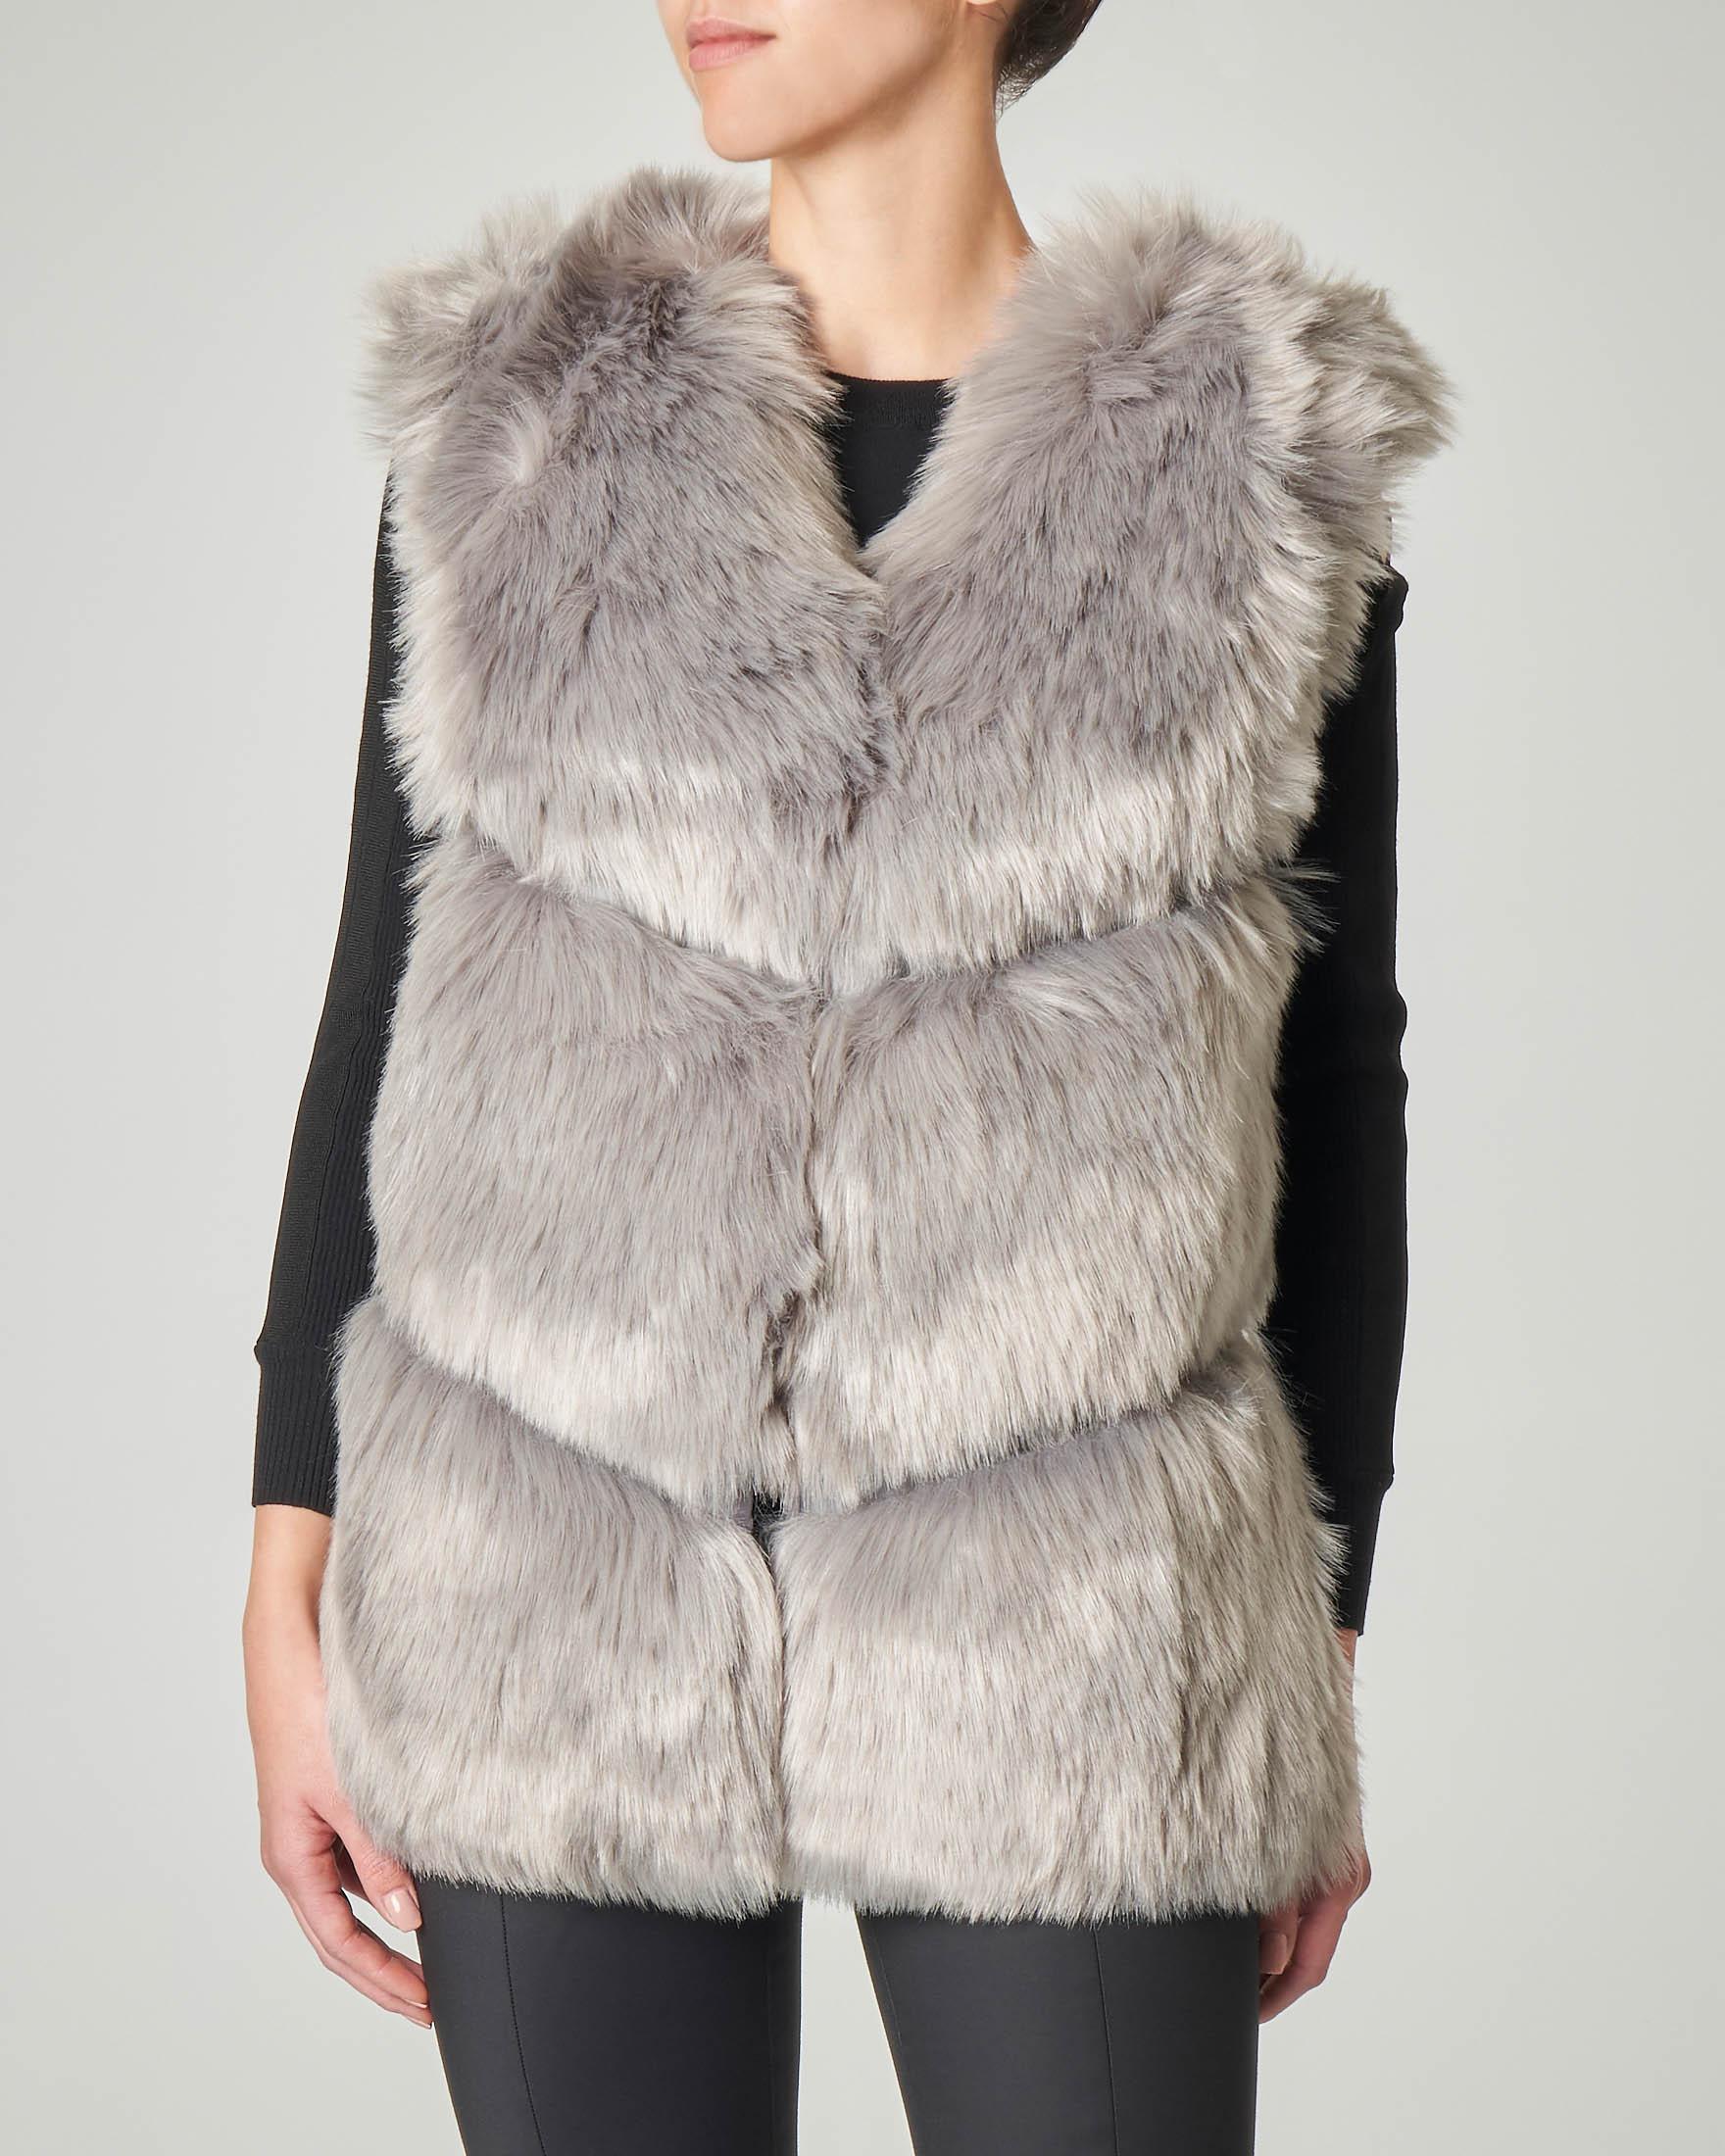 Gilet grigio in ecopelliccia con schiena a lavorazione a maglia